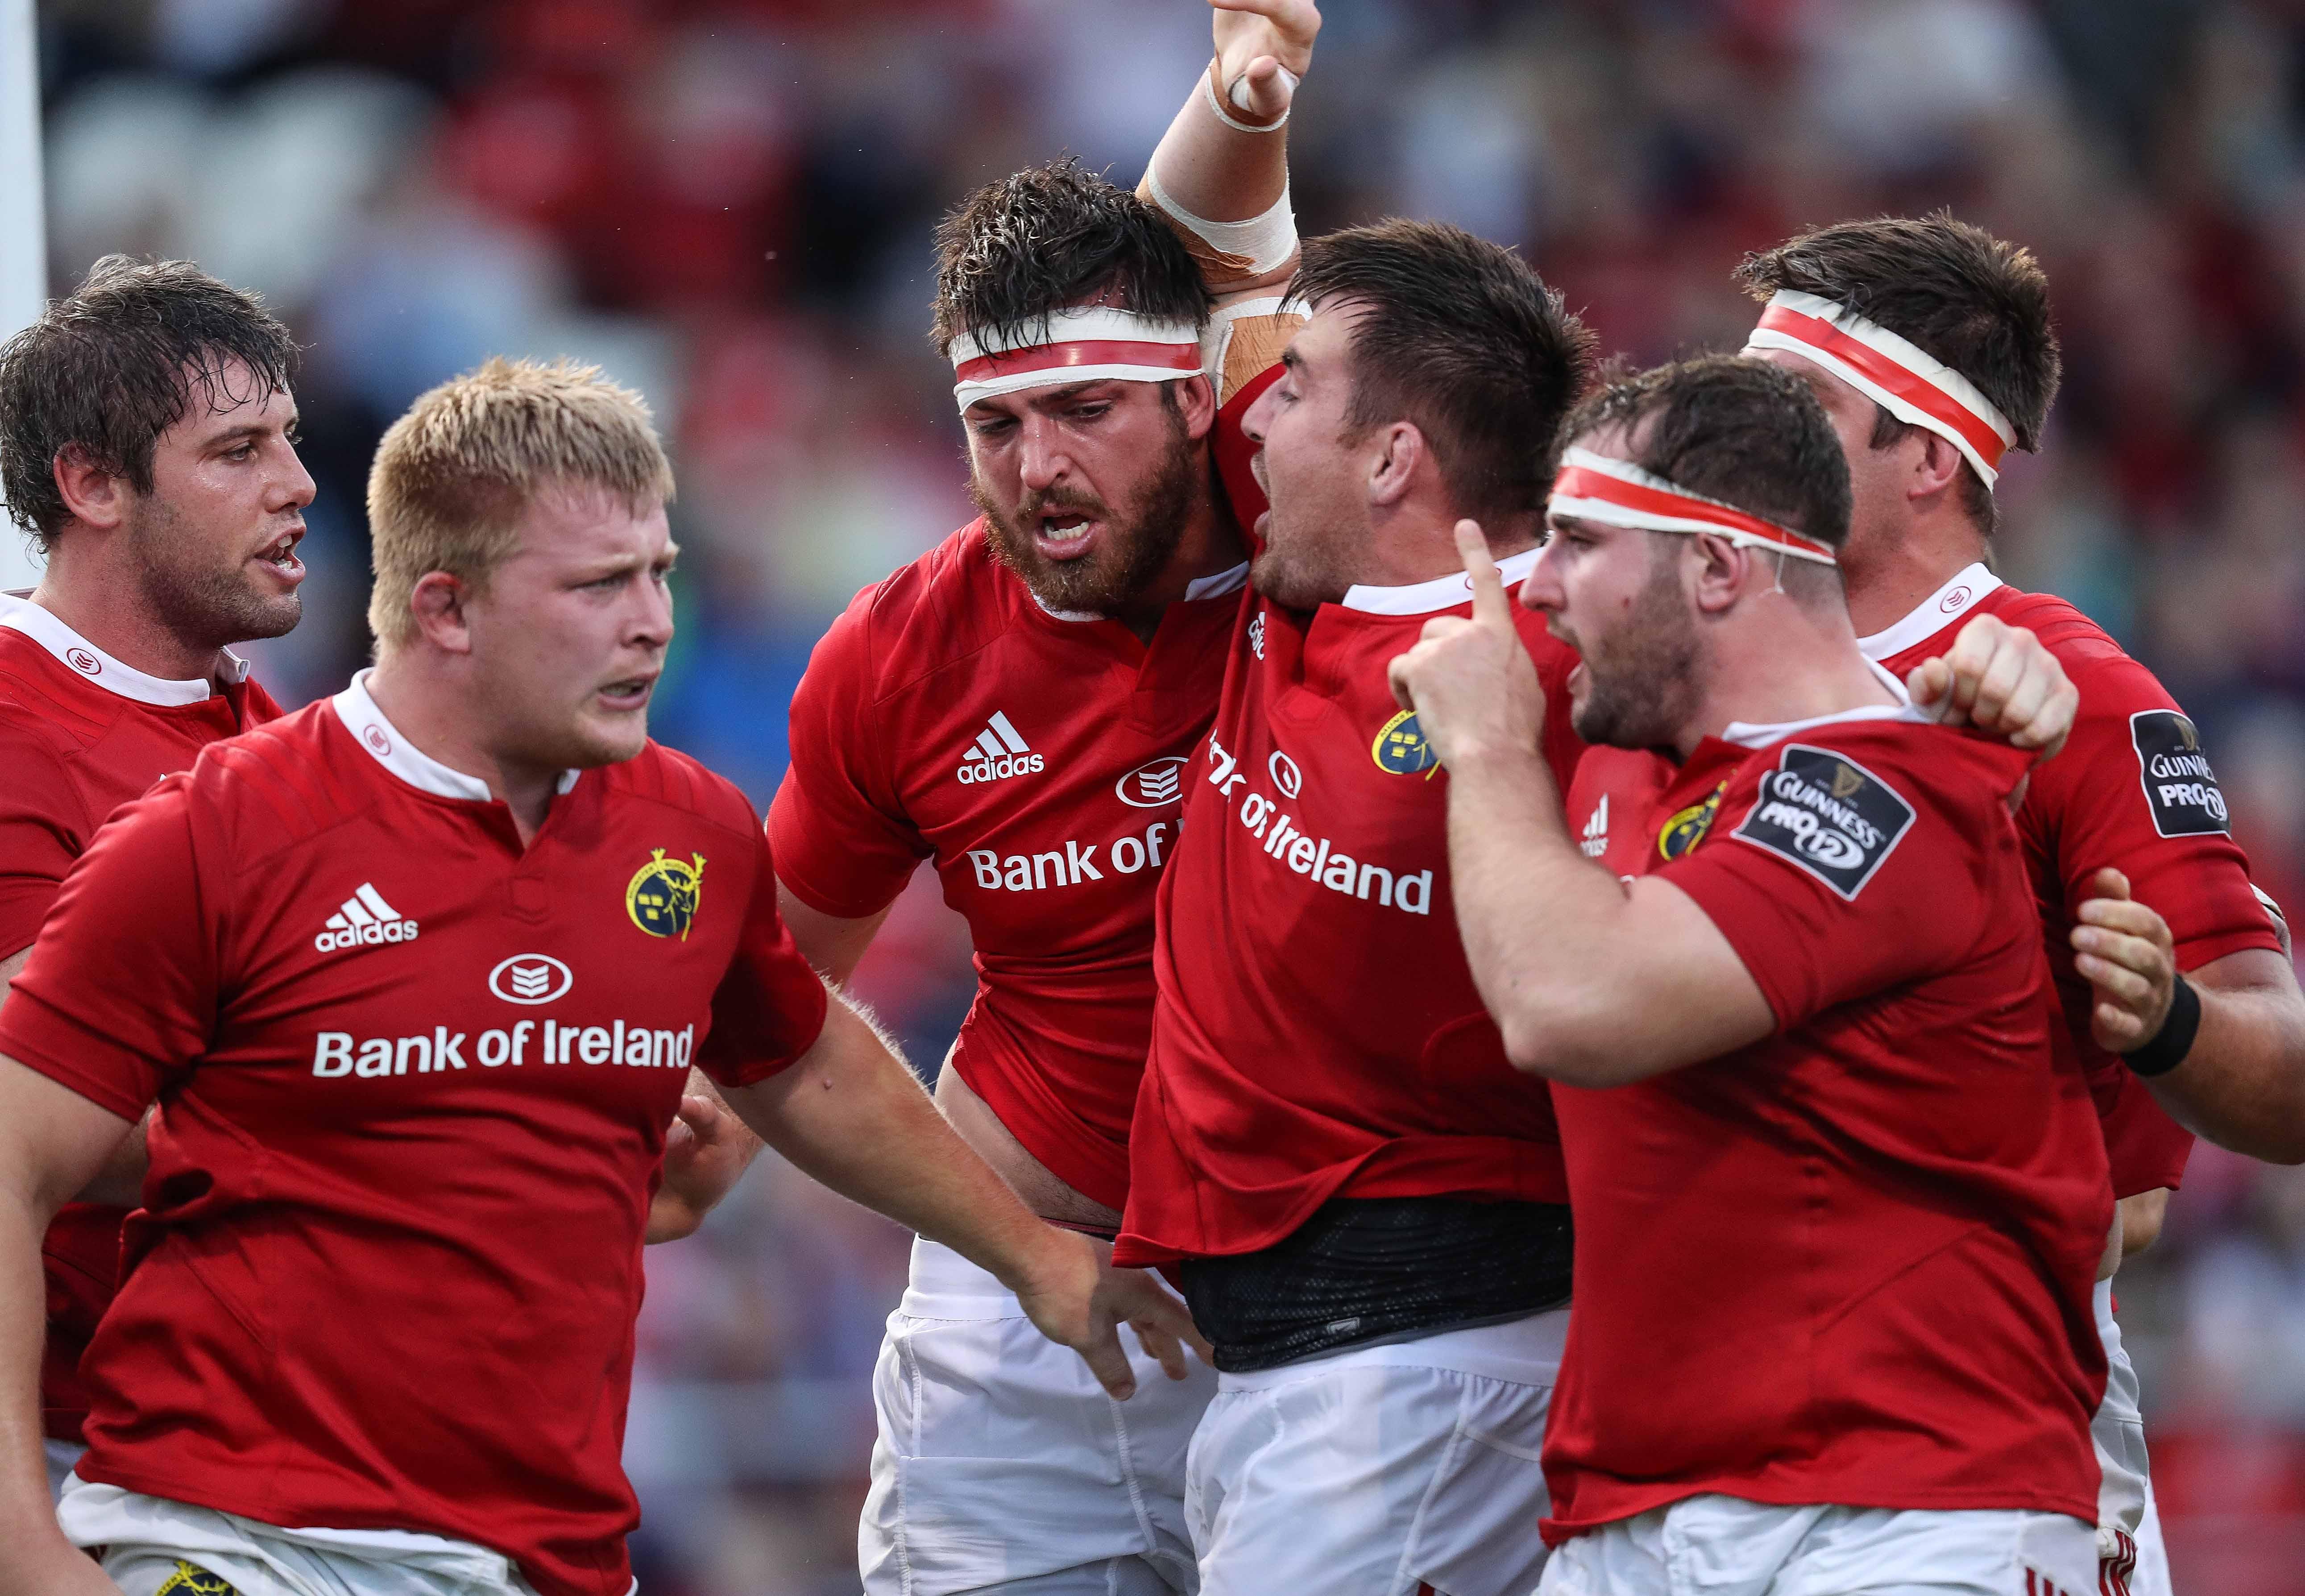 Big Game Preview: Scarlets v Munster